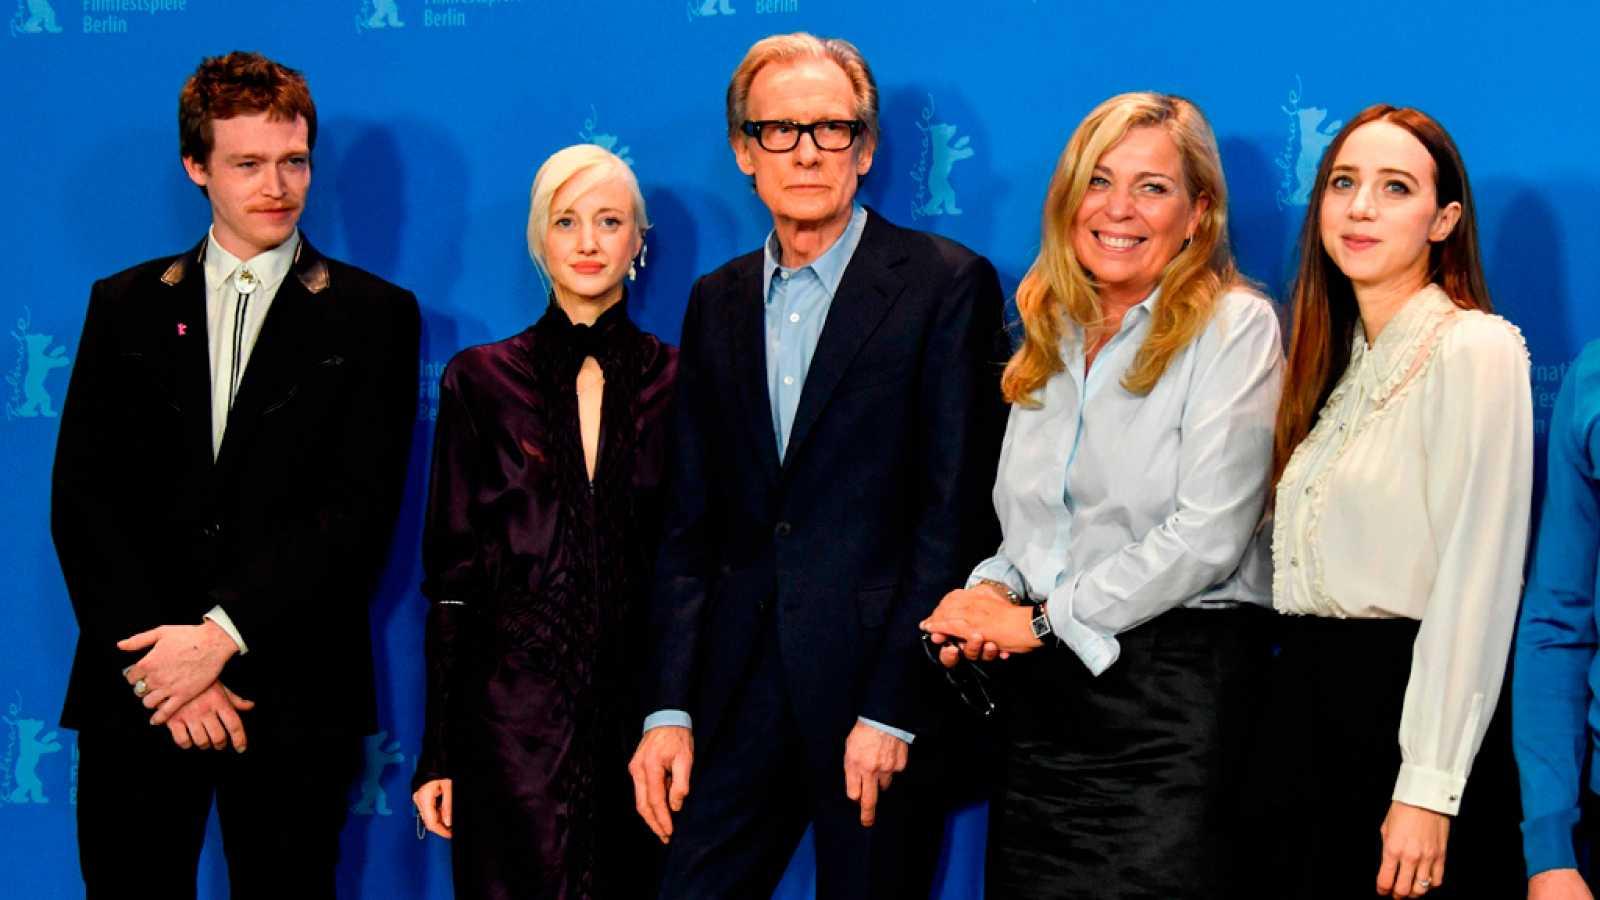 Arranca el Festival de Cine de Berlin de 2019